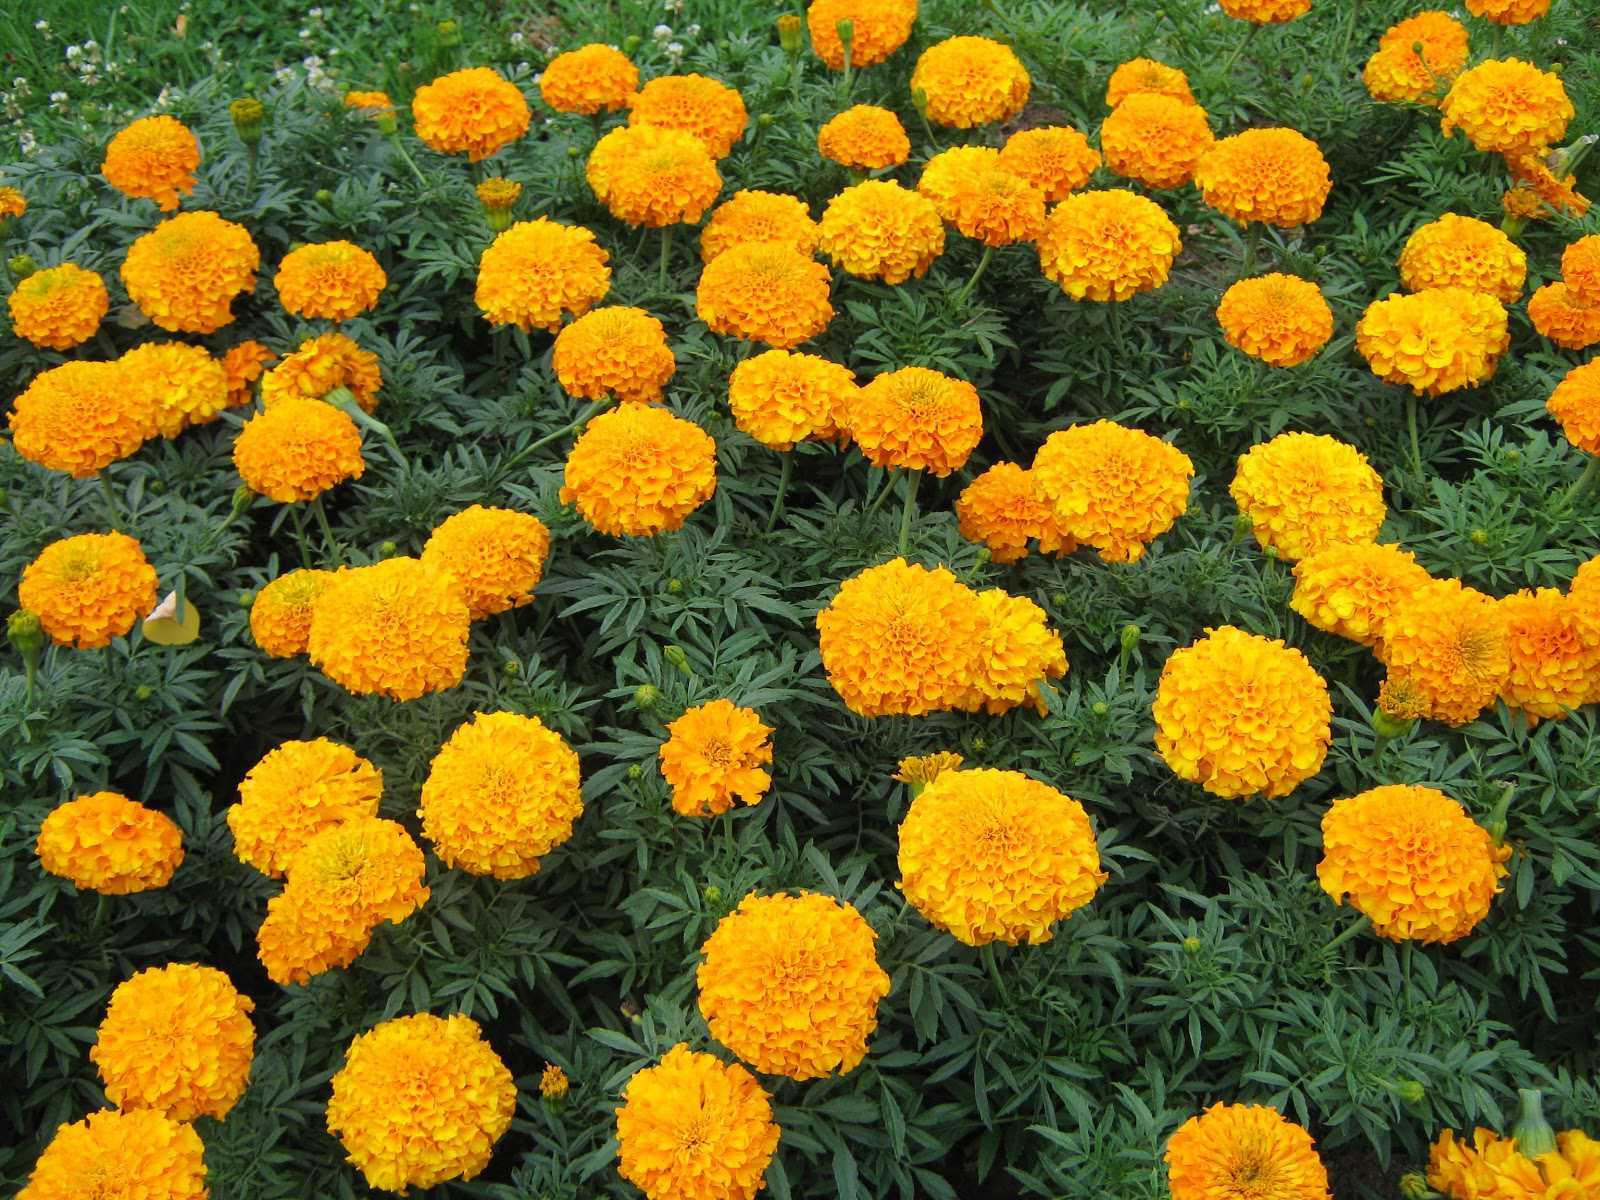 Vườn cây nở rộ những bông cúc vạn thọ